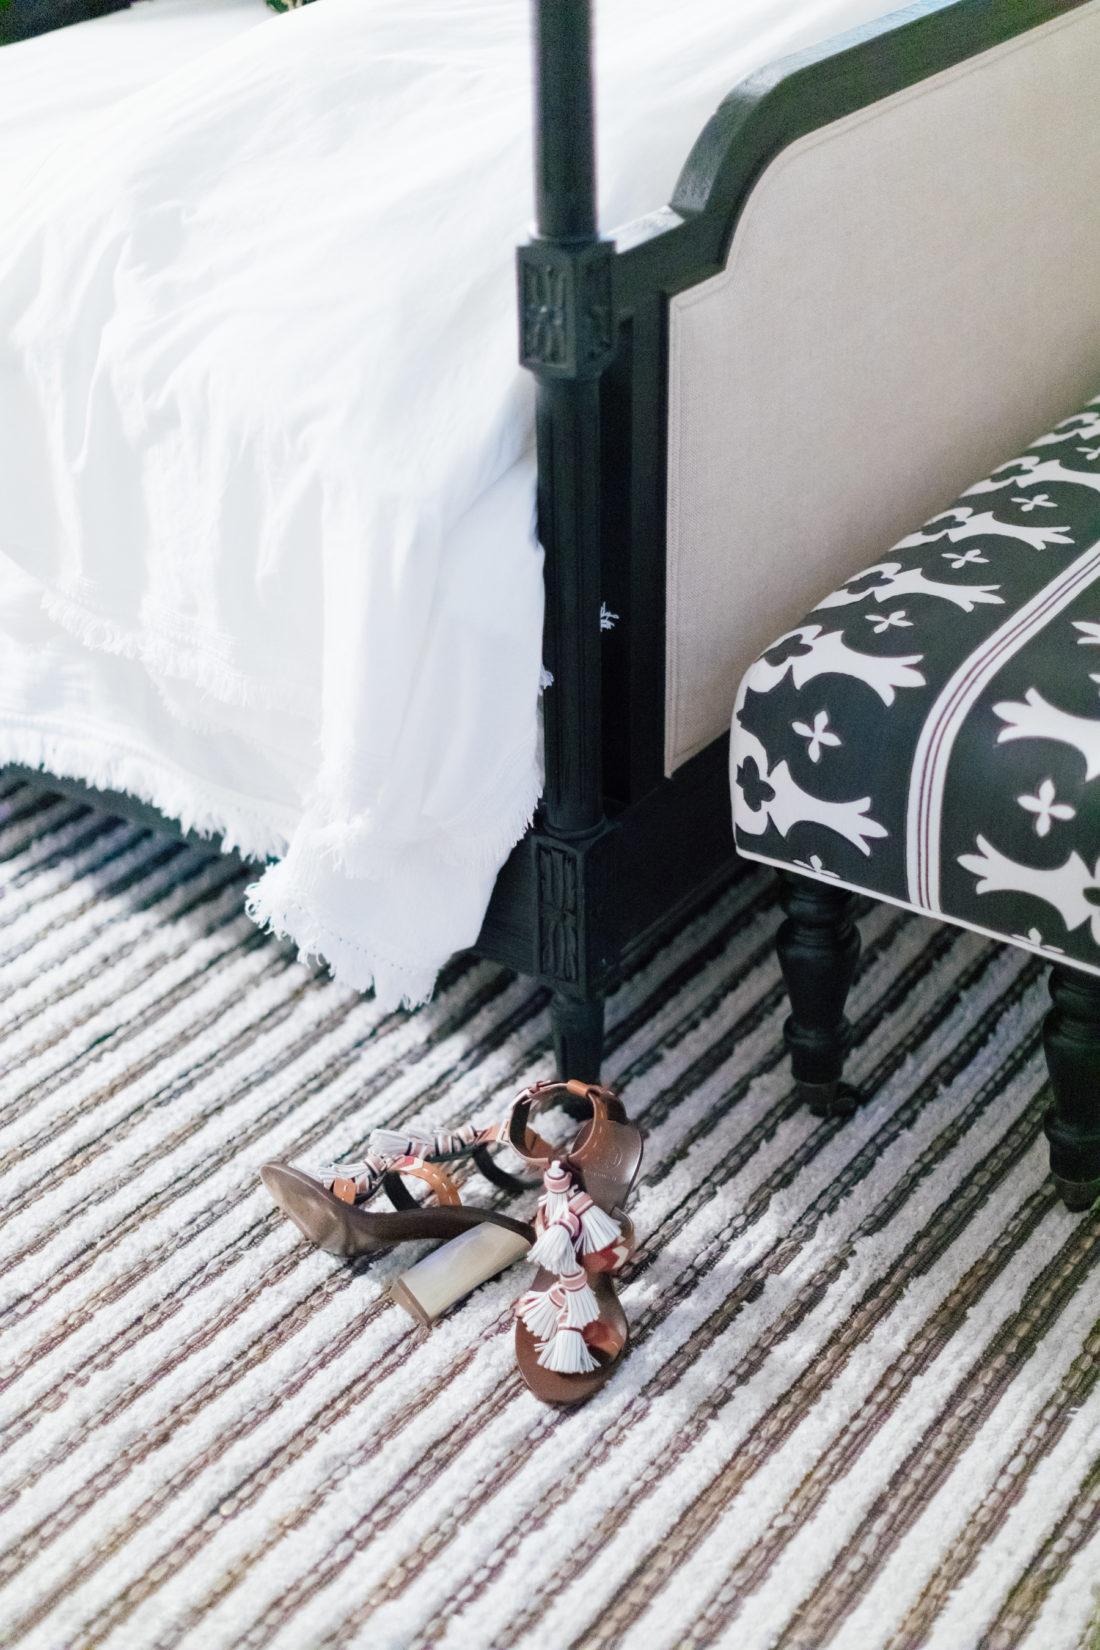 The custom rug in Eva Amurri Martino's new bedroom